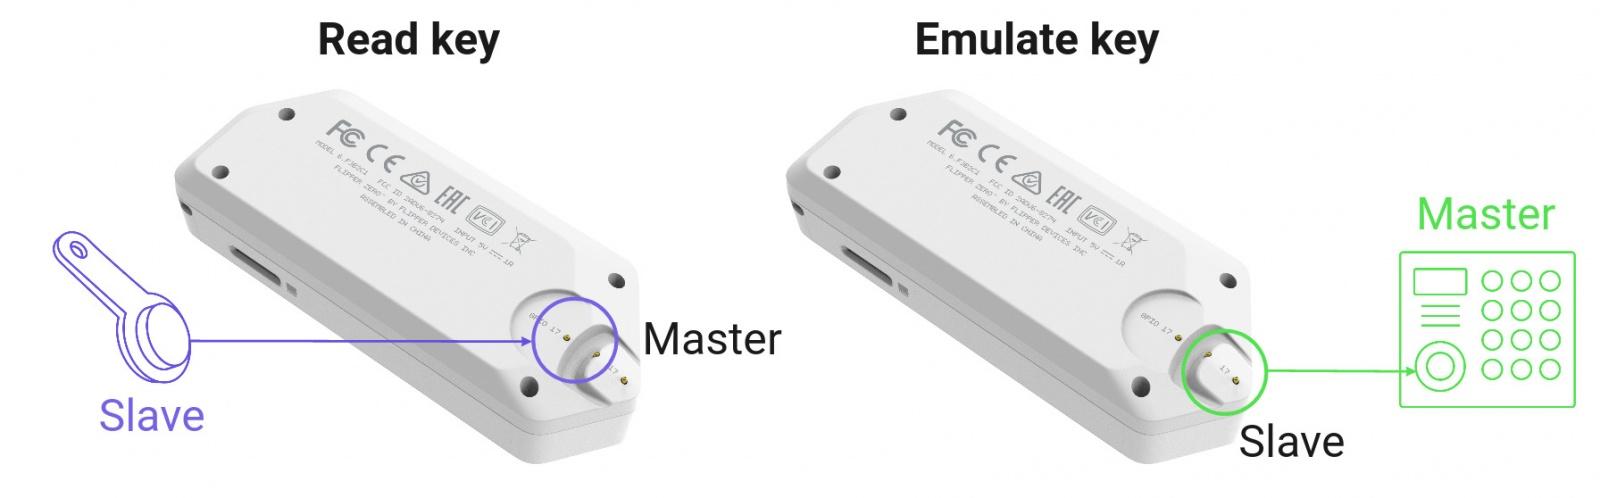 Нахлобучиваем домофонные ключи iButton с помощью Flipper Zero - 7